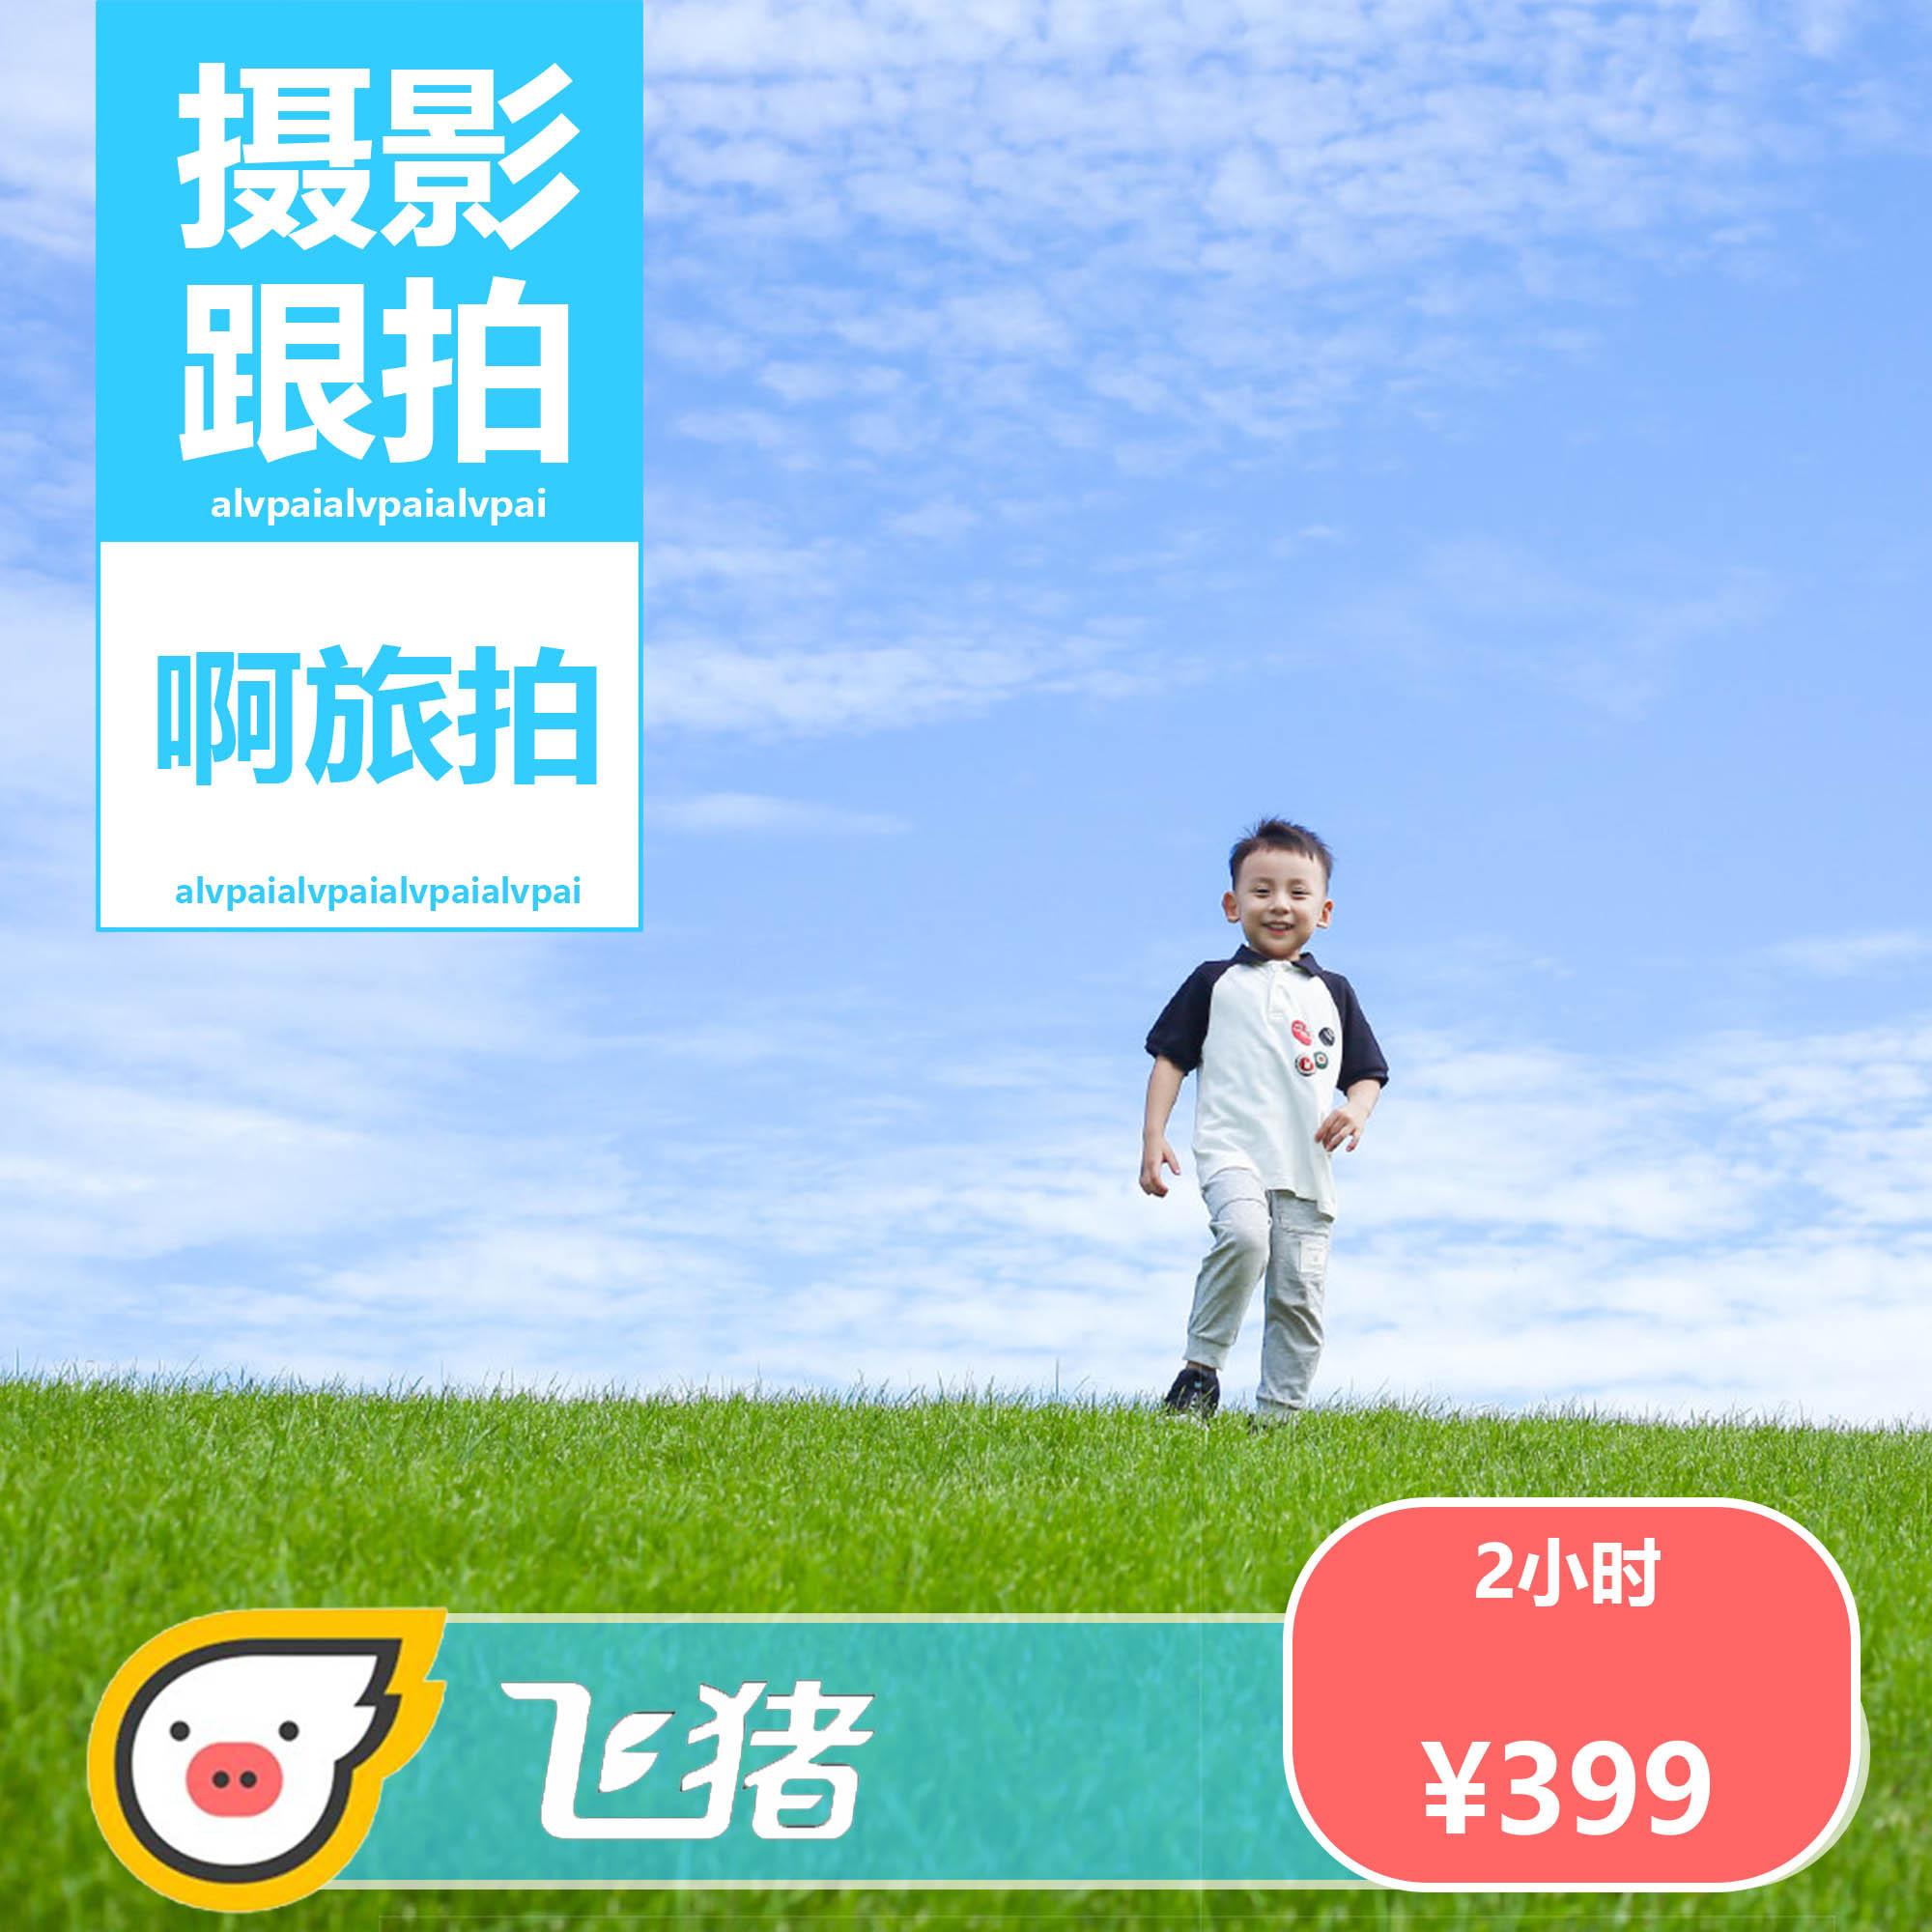 牡丹江大庆绥化鸡西黑河伊春跟拍亲子照小视频MV儿童写真摄影旅拍